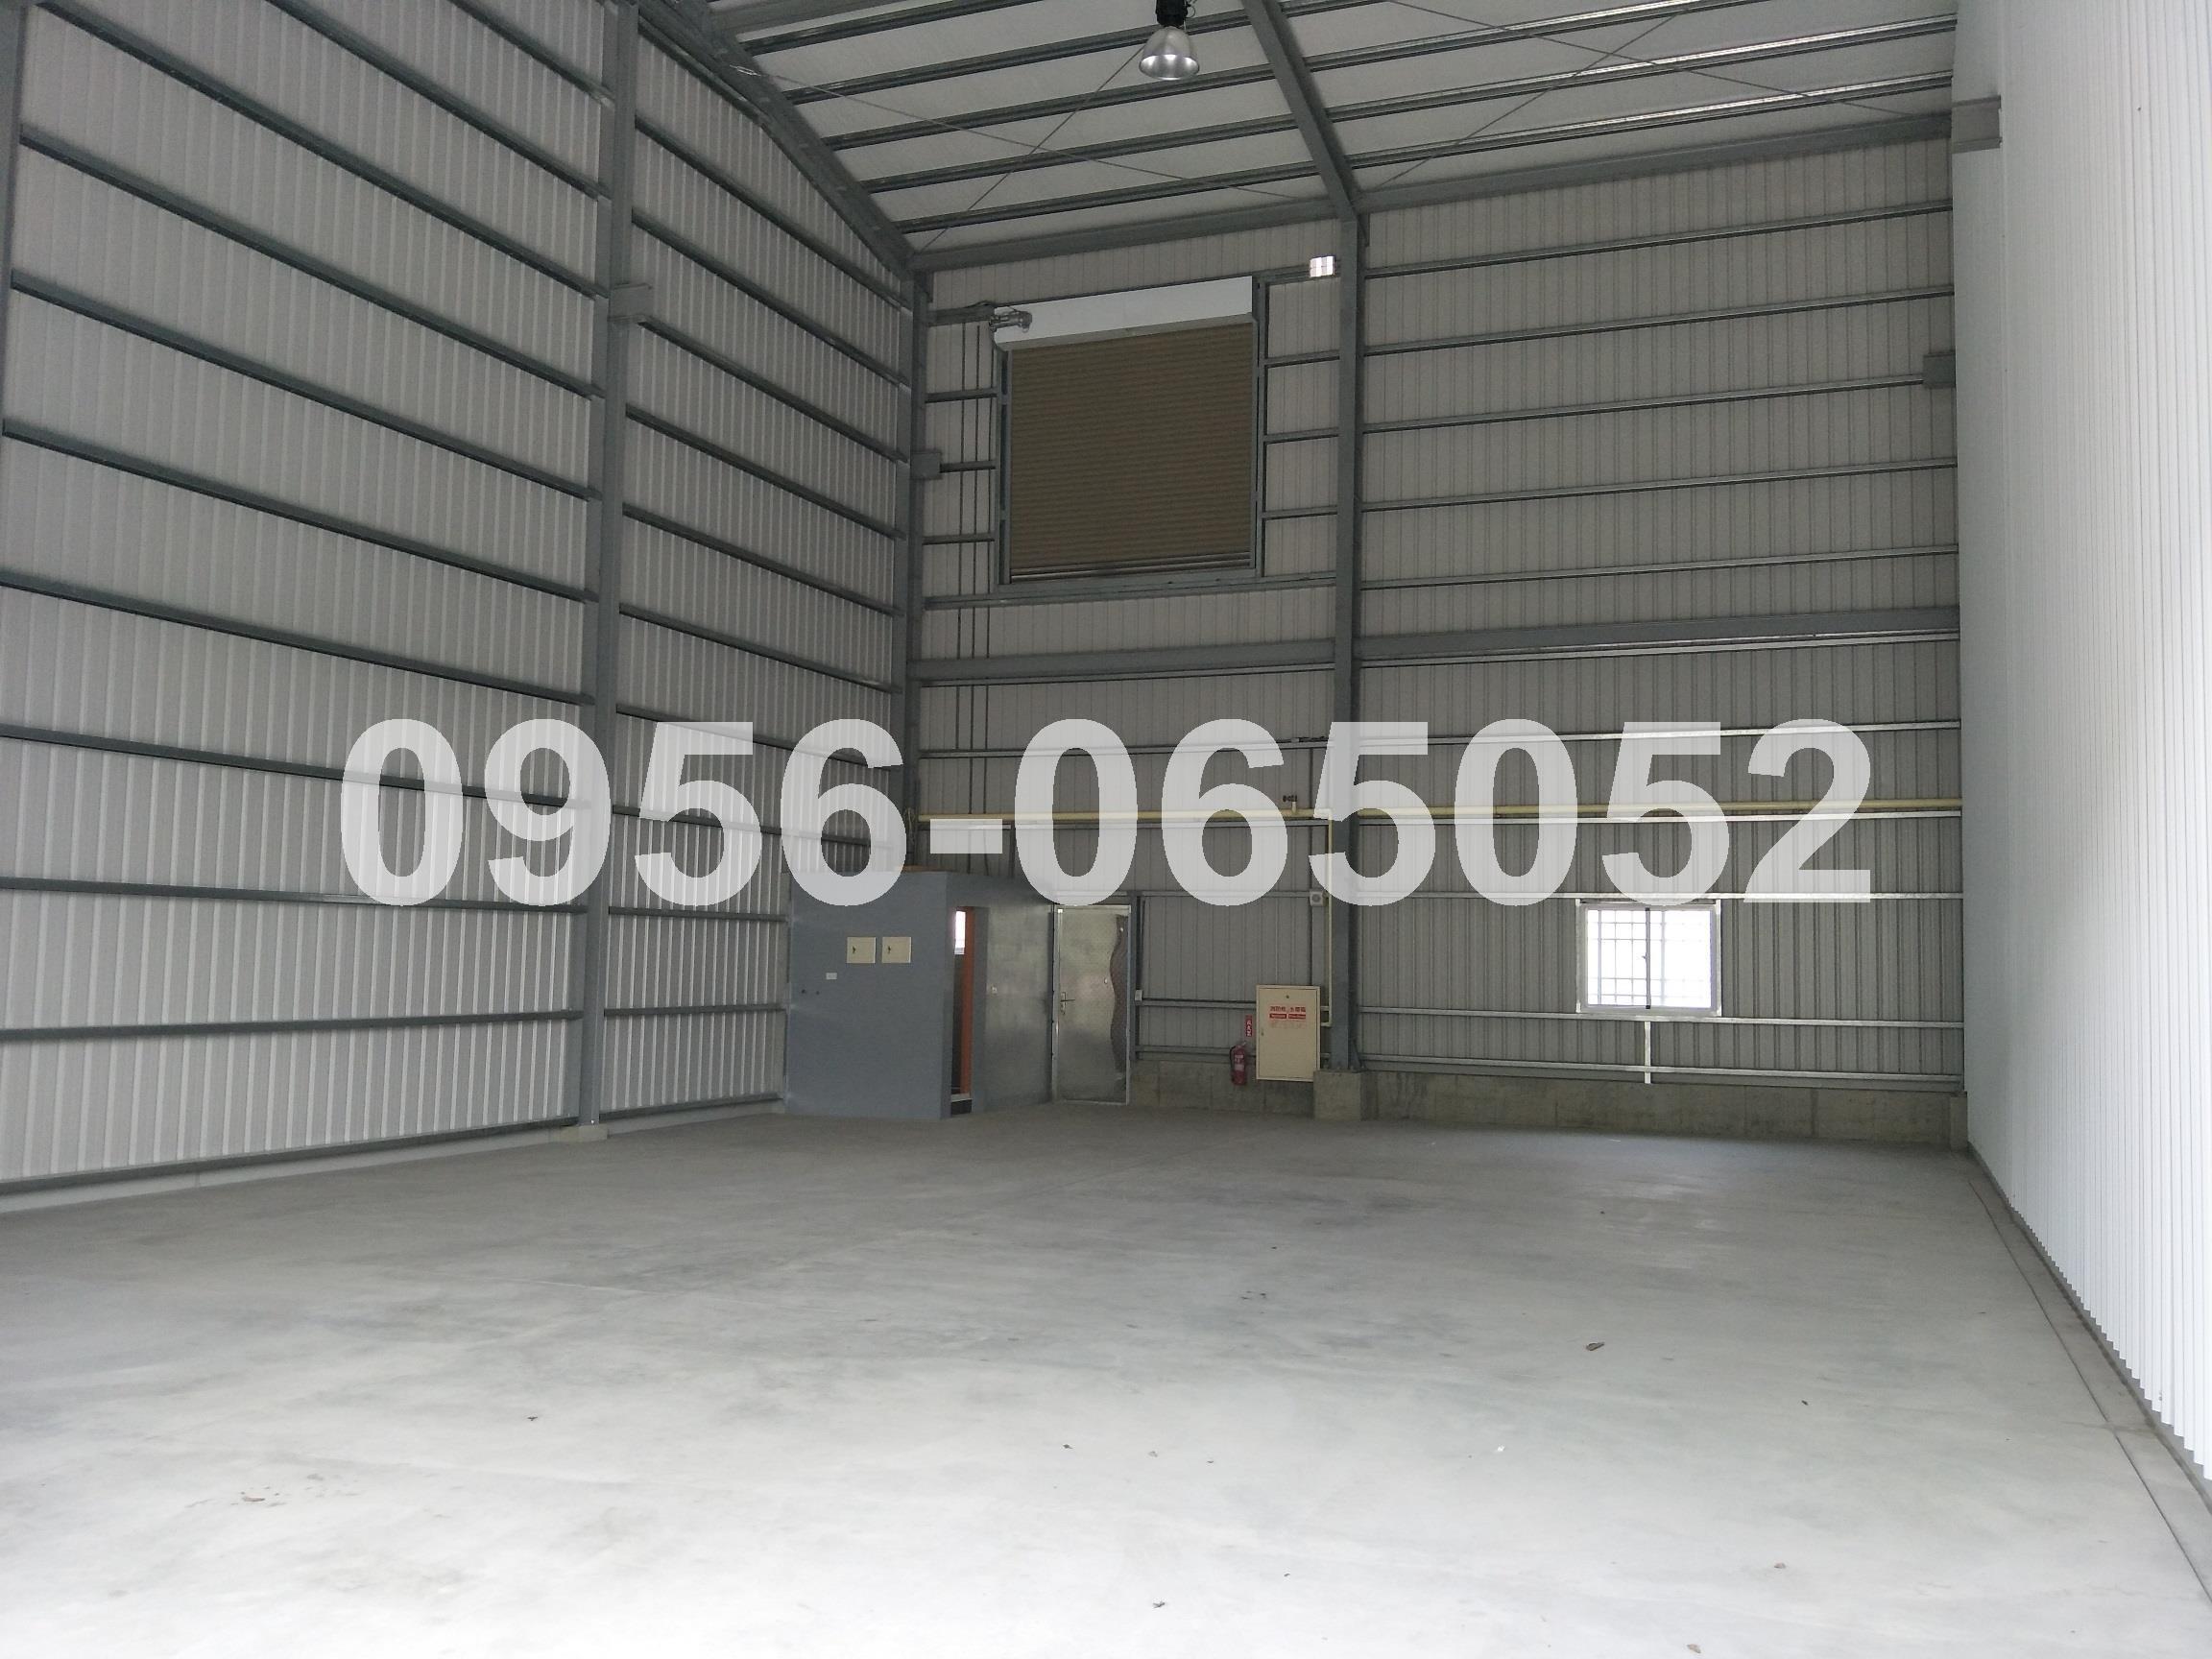 高雄廠房出租-大寮全新70坪挑高11米廠房出租